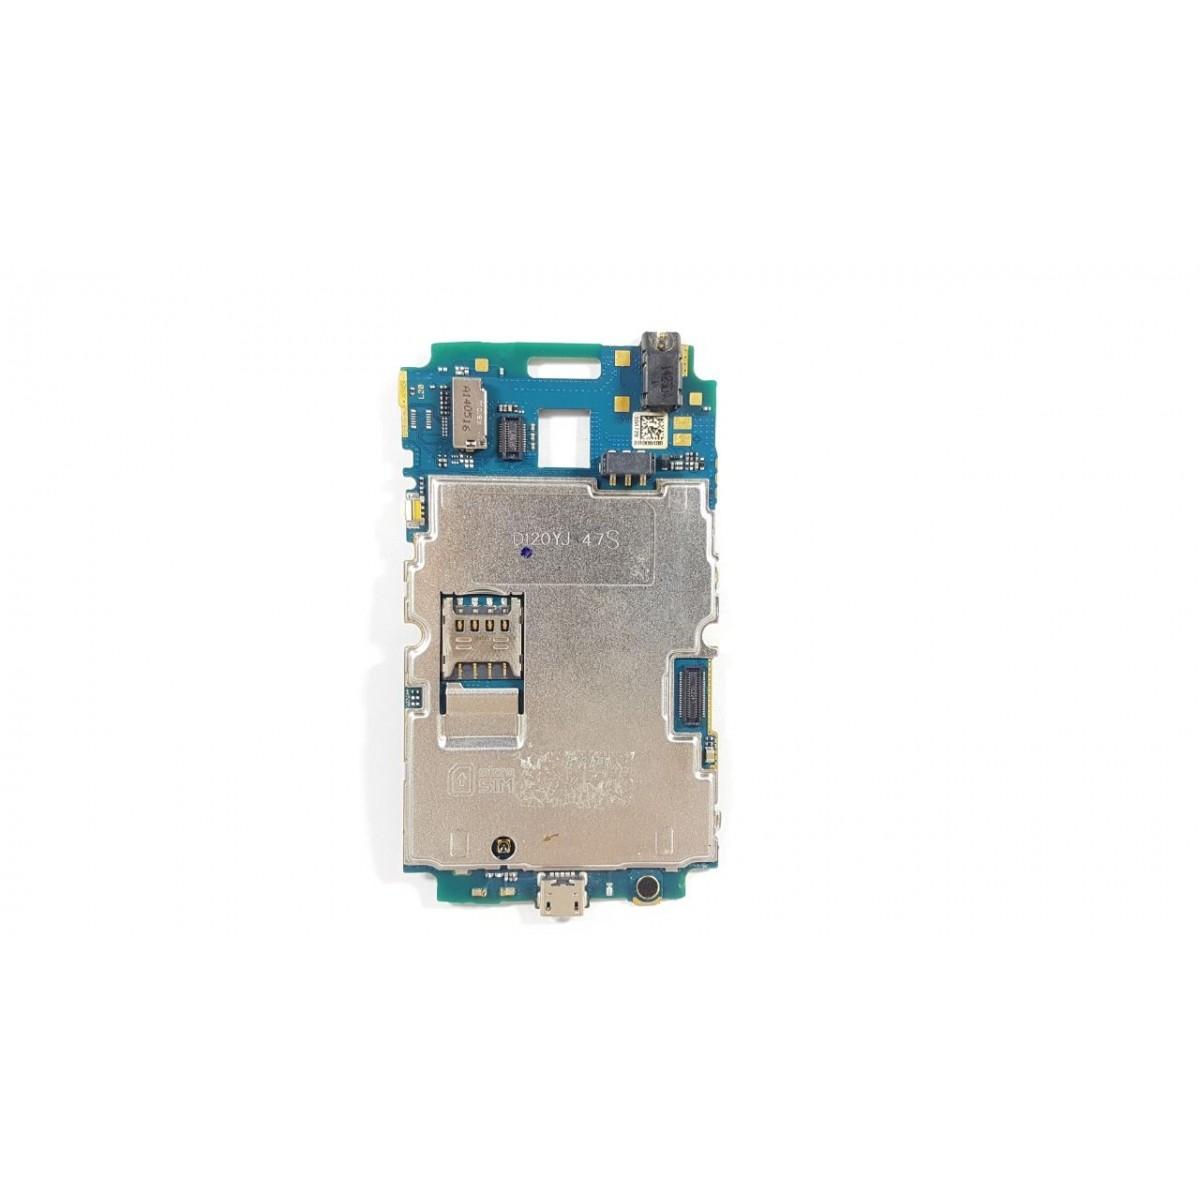 Placa Mae Principal Celular Lg L20 D105f Desbloqueada 1chip